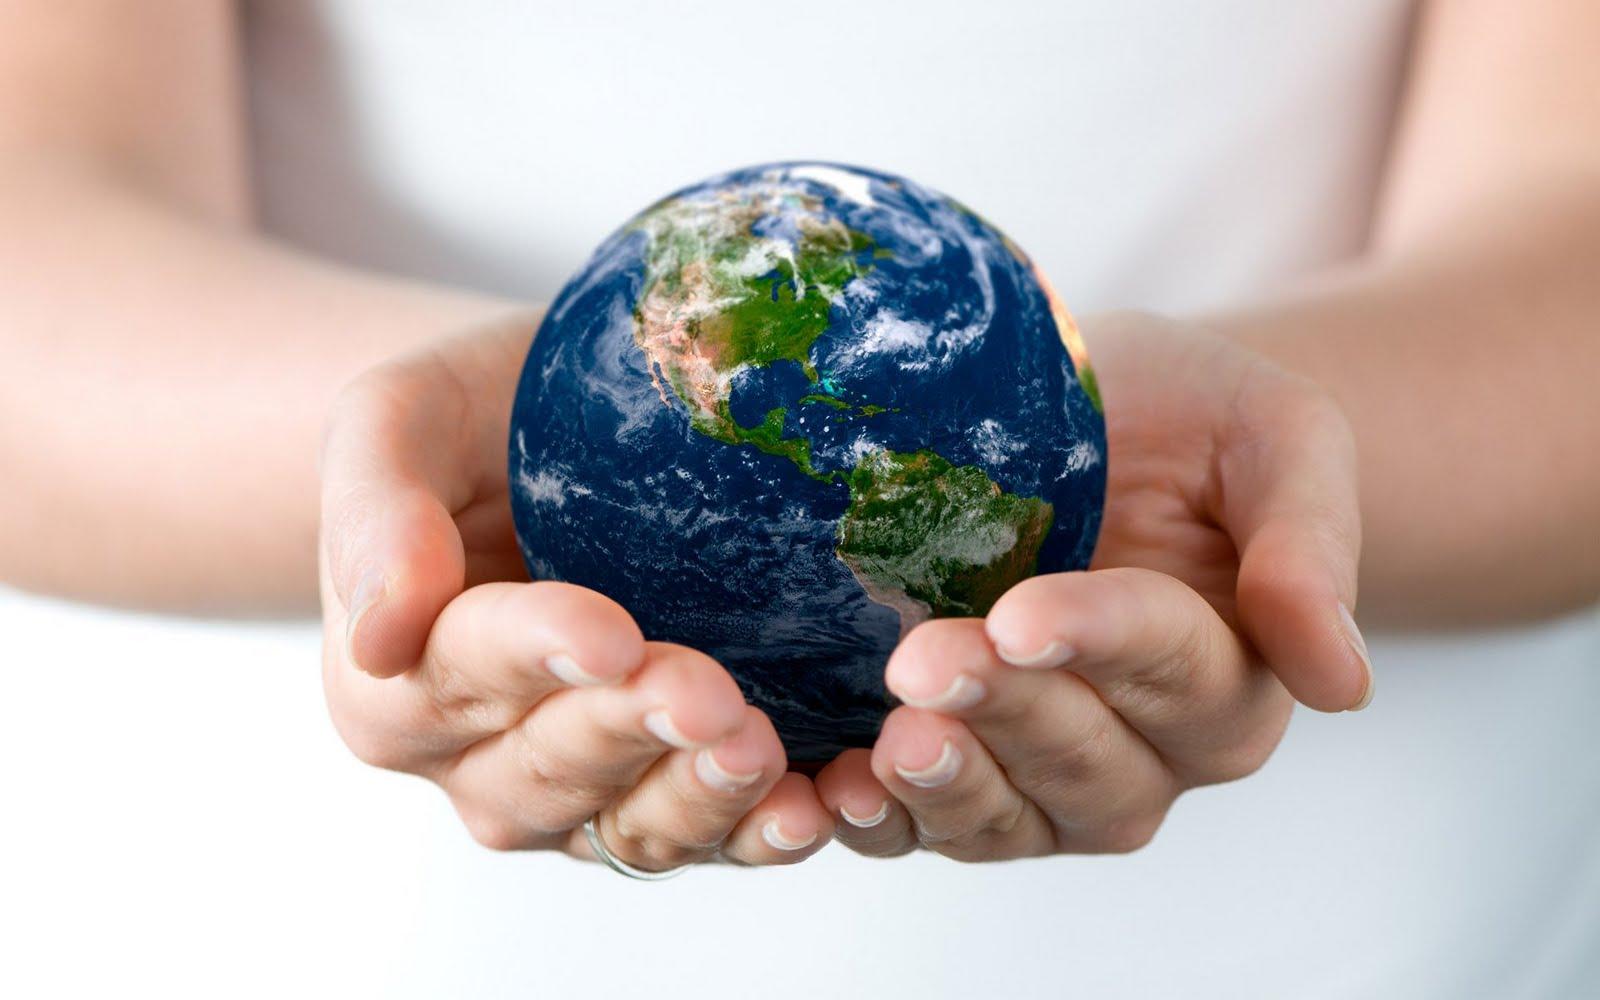 Les deux mains d'une femme berçant la Terre